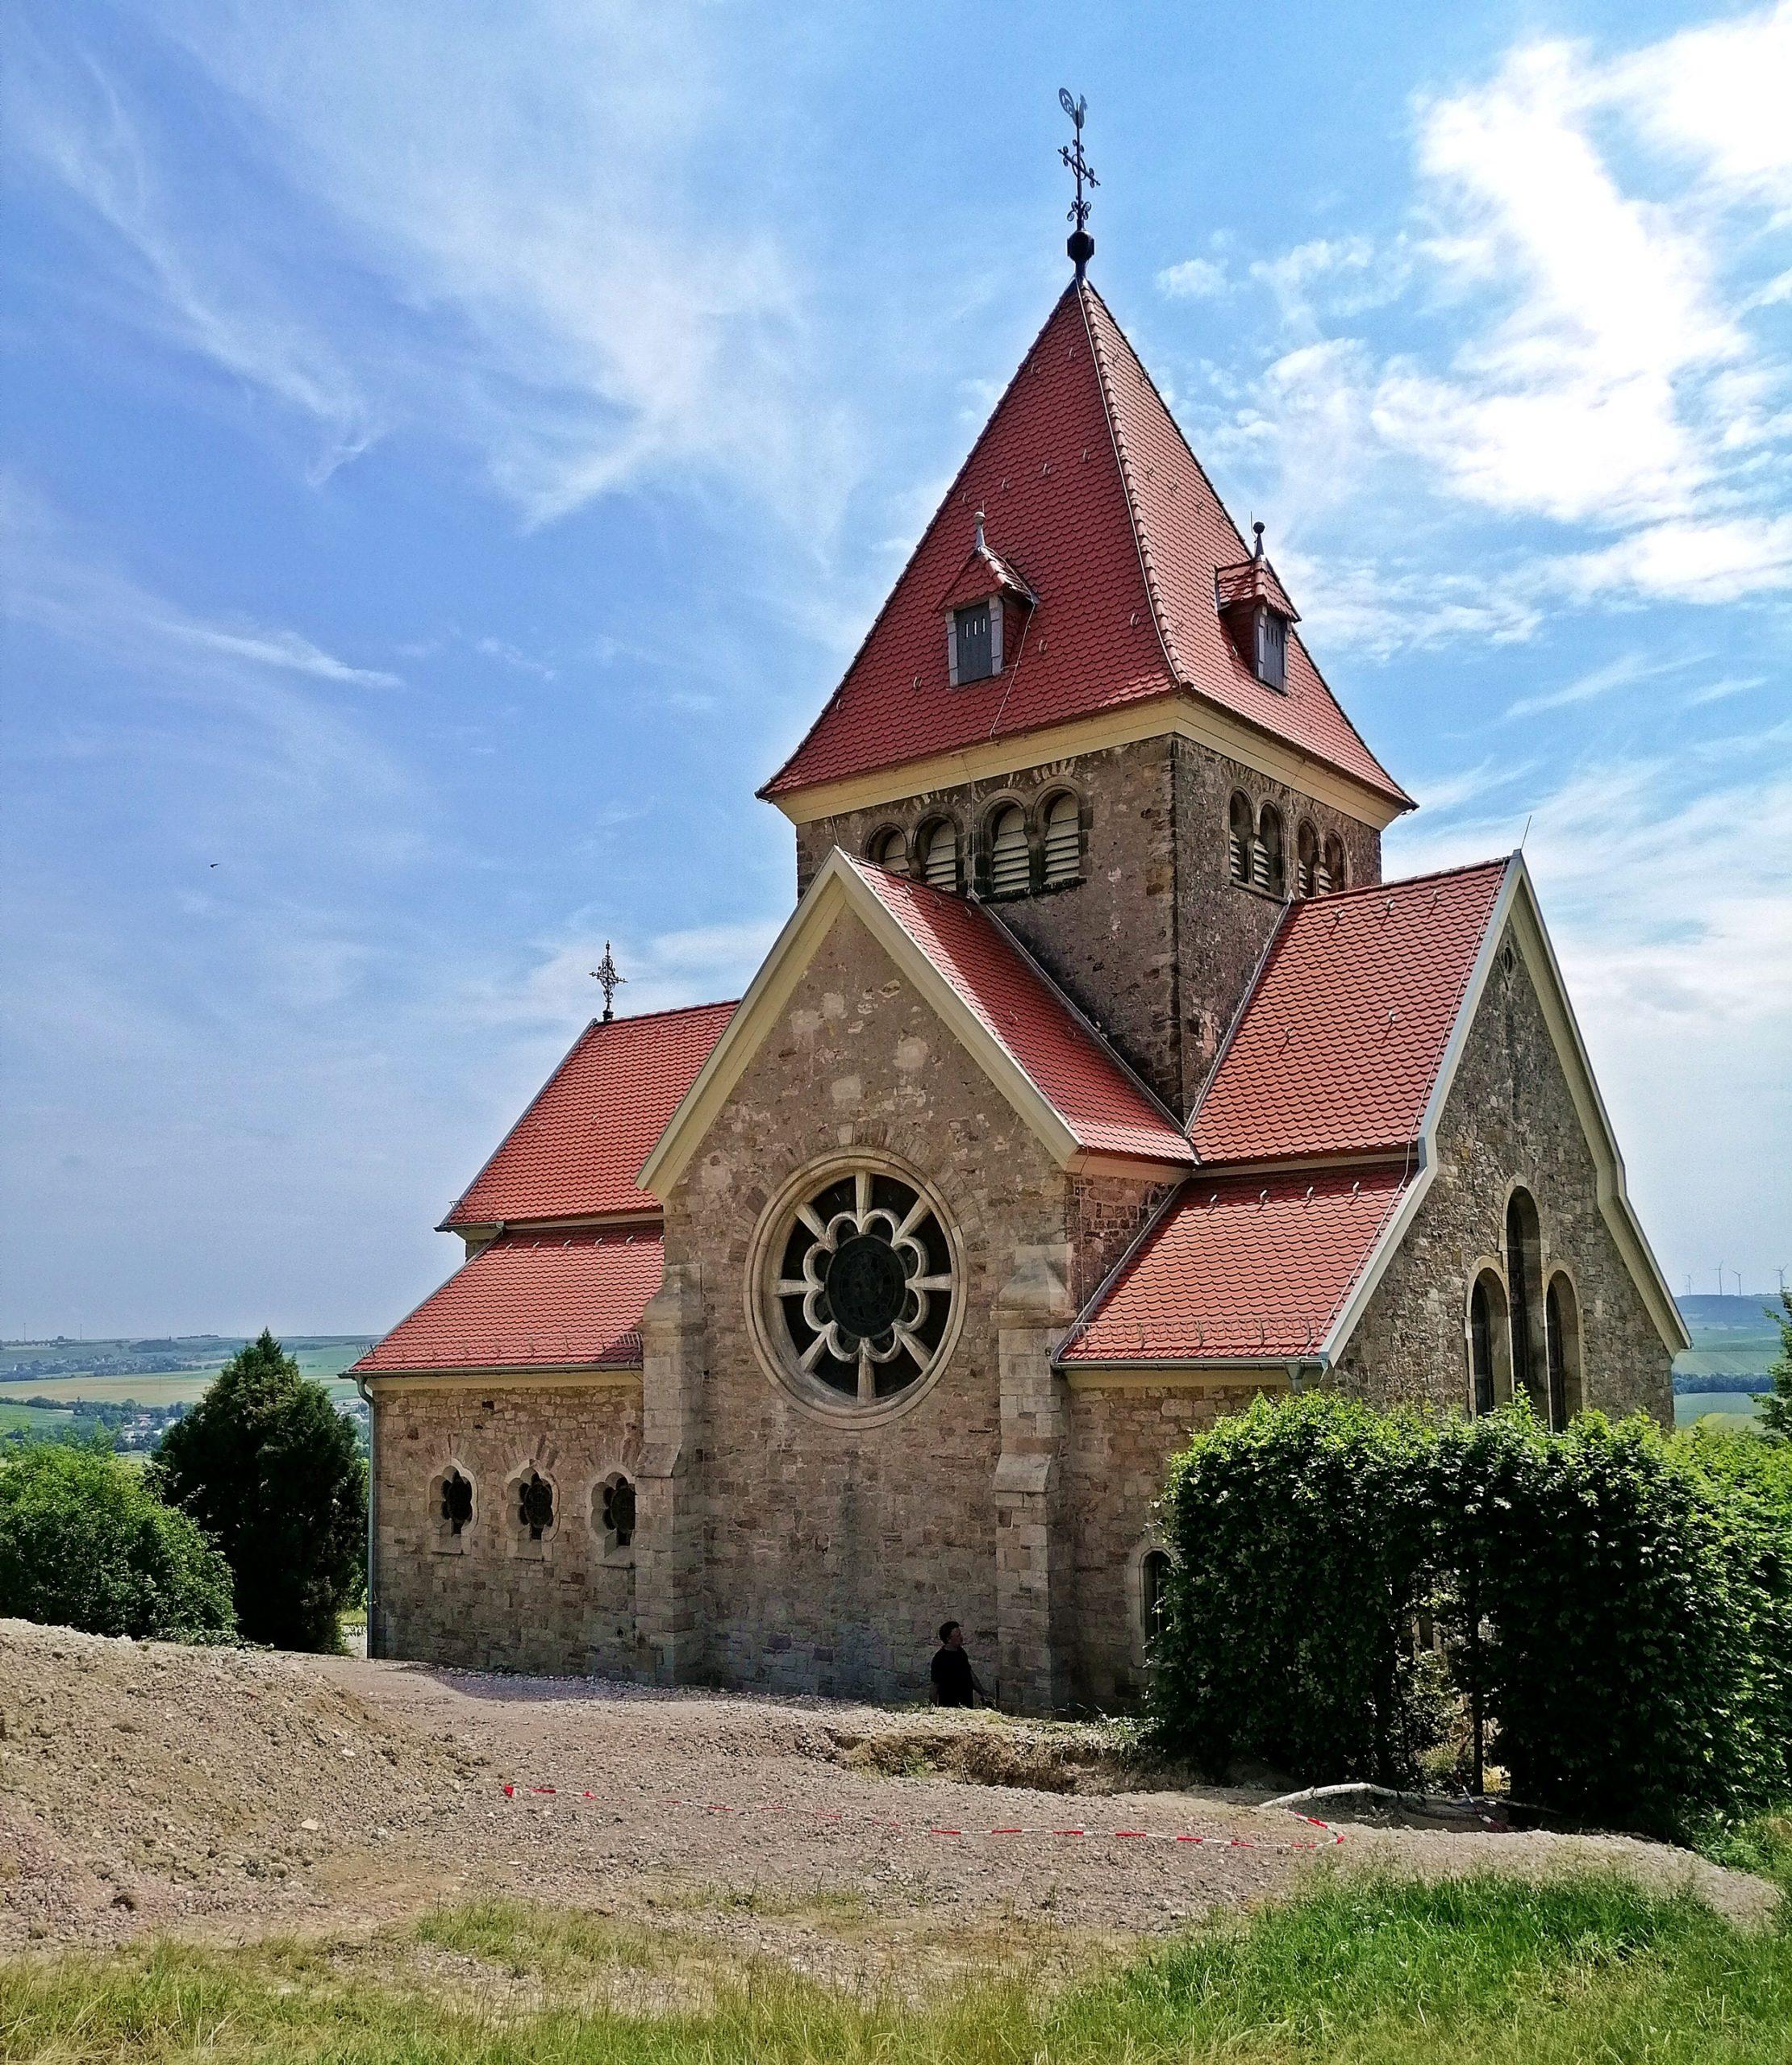 Rheinhessische Sehenswürdigkeiten: Kreuzkapelle Gau-Bickelheim